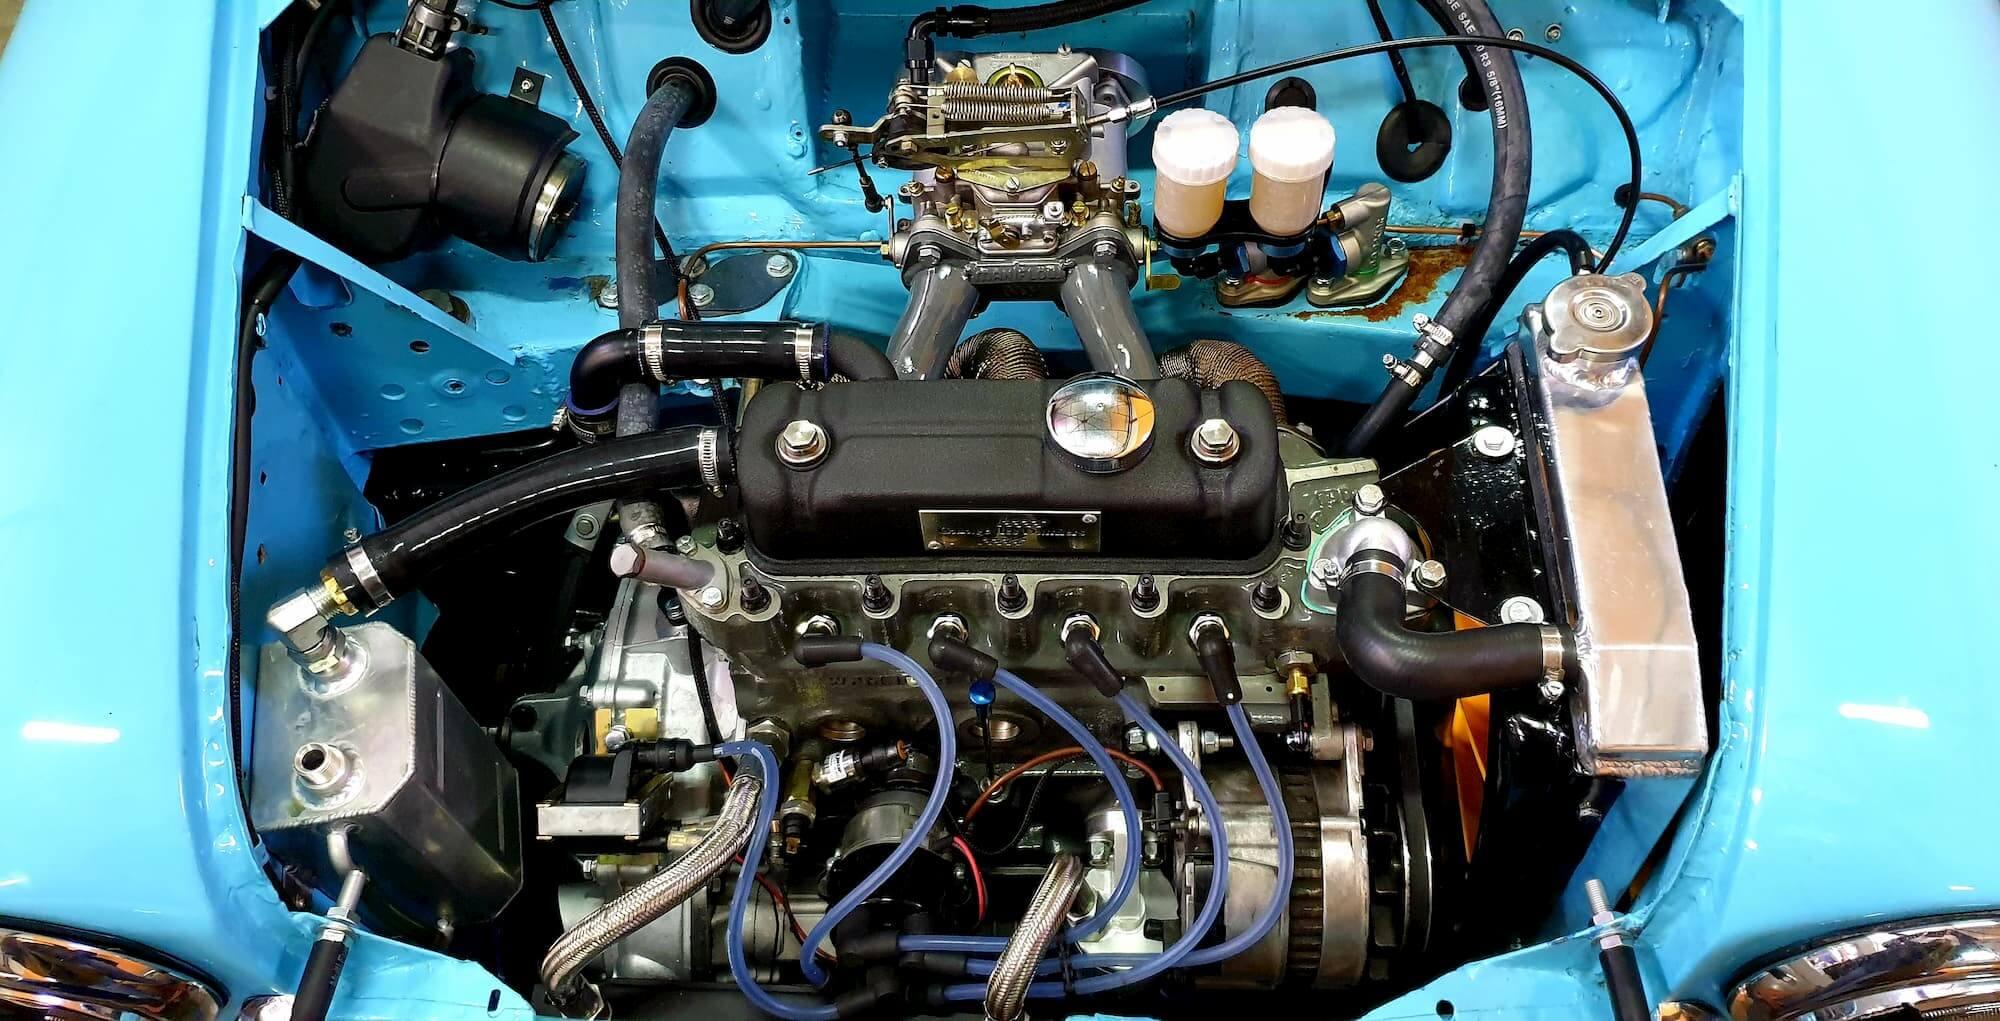 Moteur de la Mini Austin - Banc de puissance rotronics - Vintage car